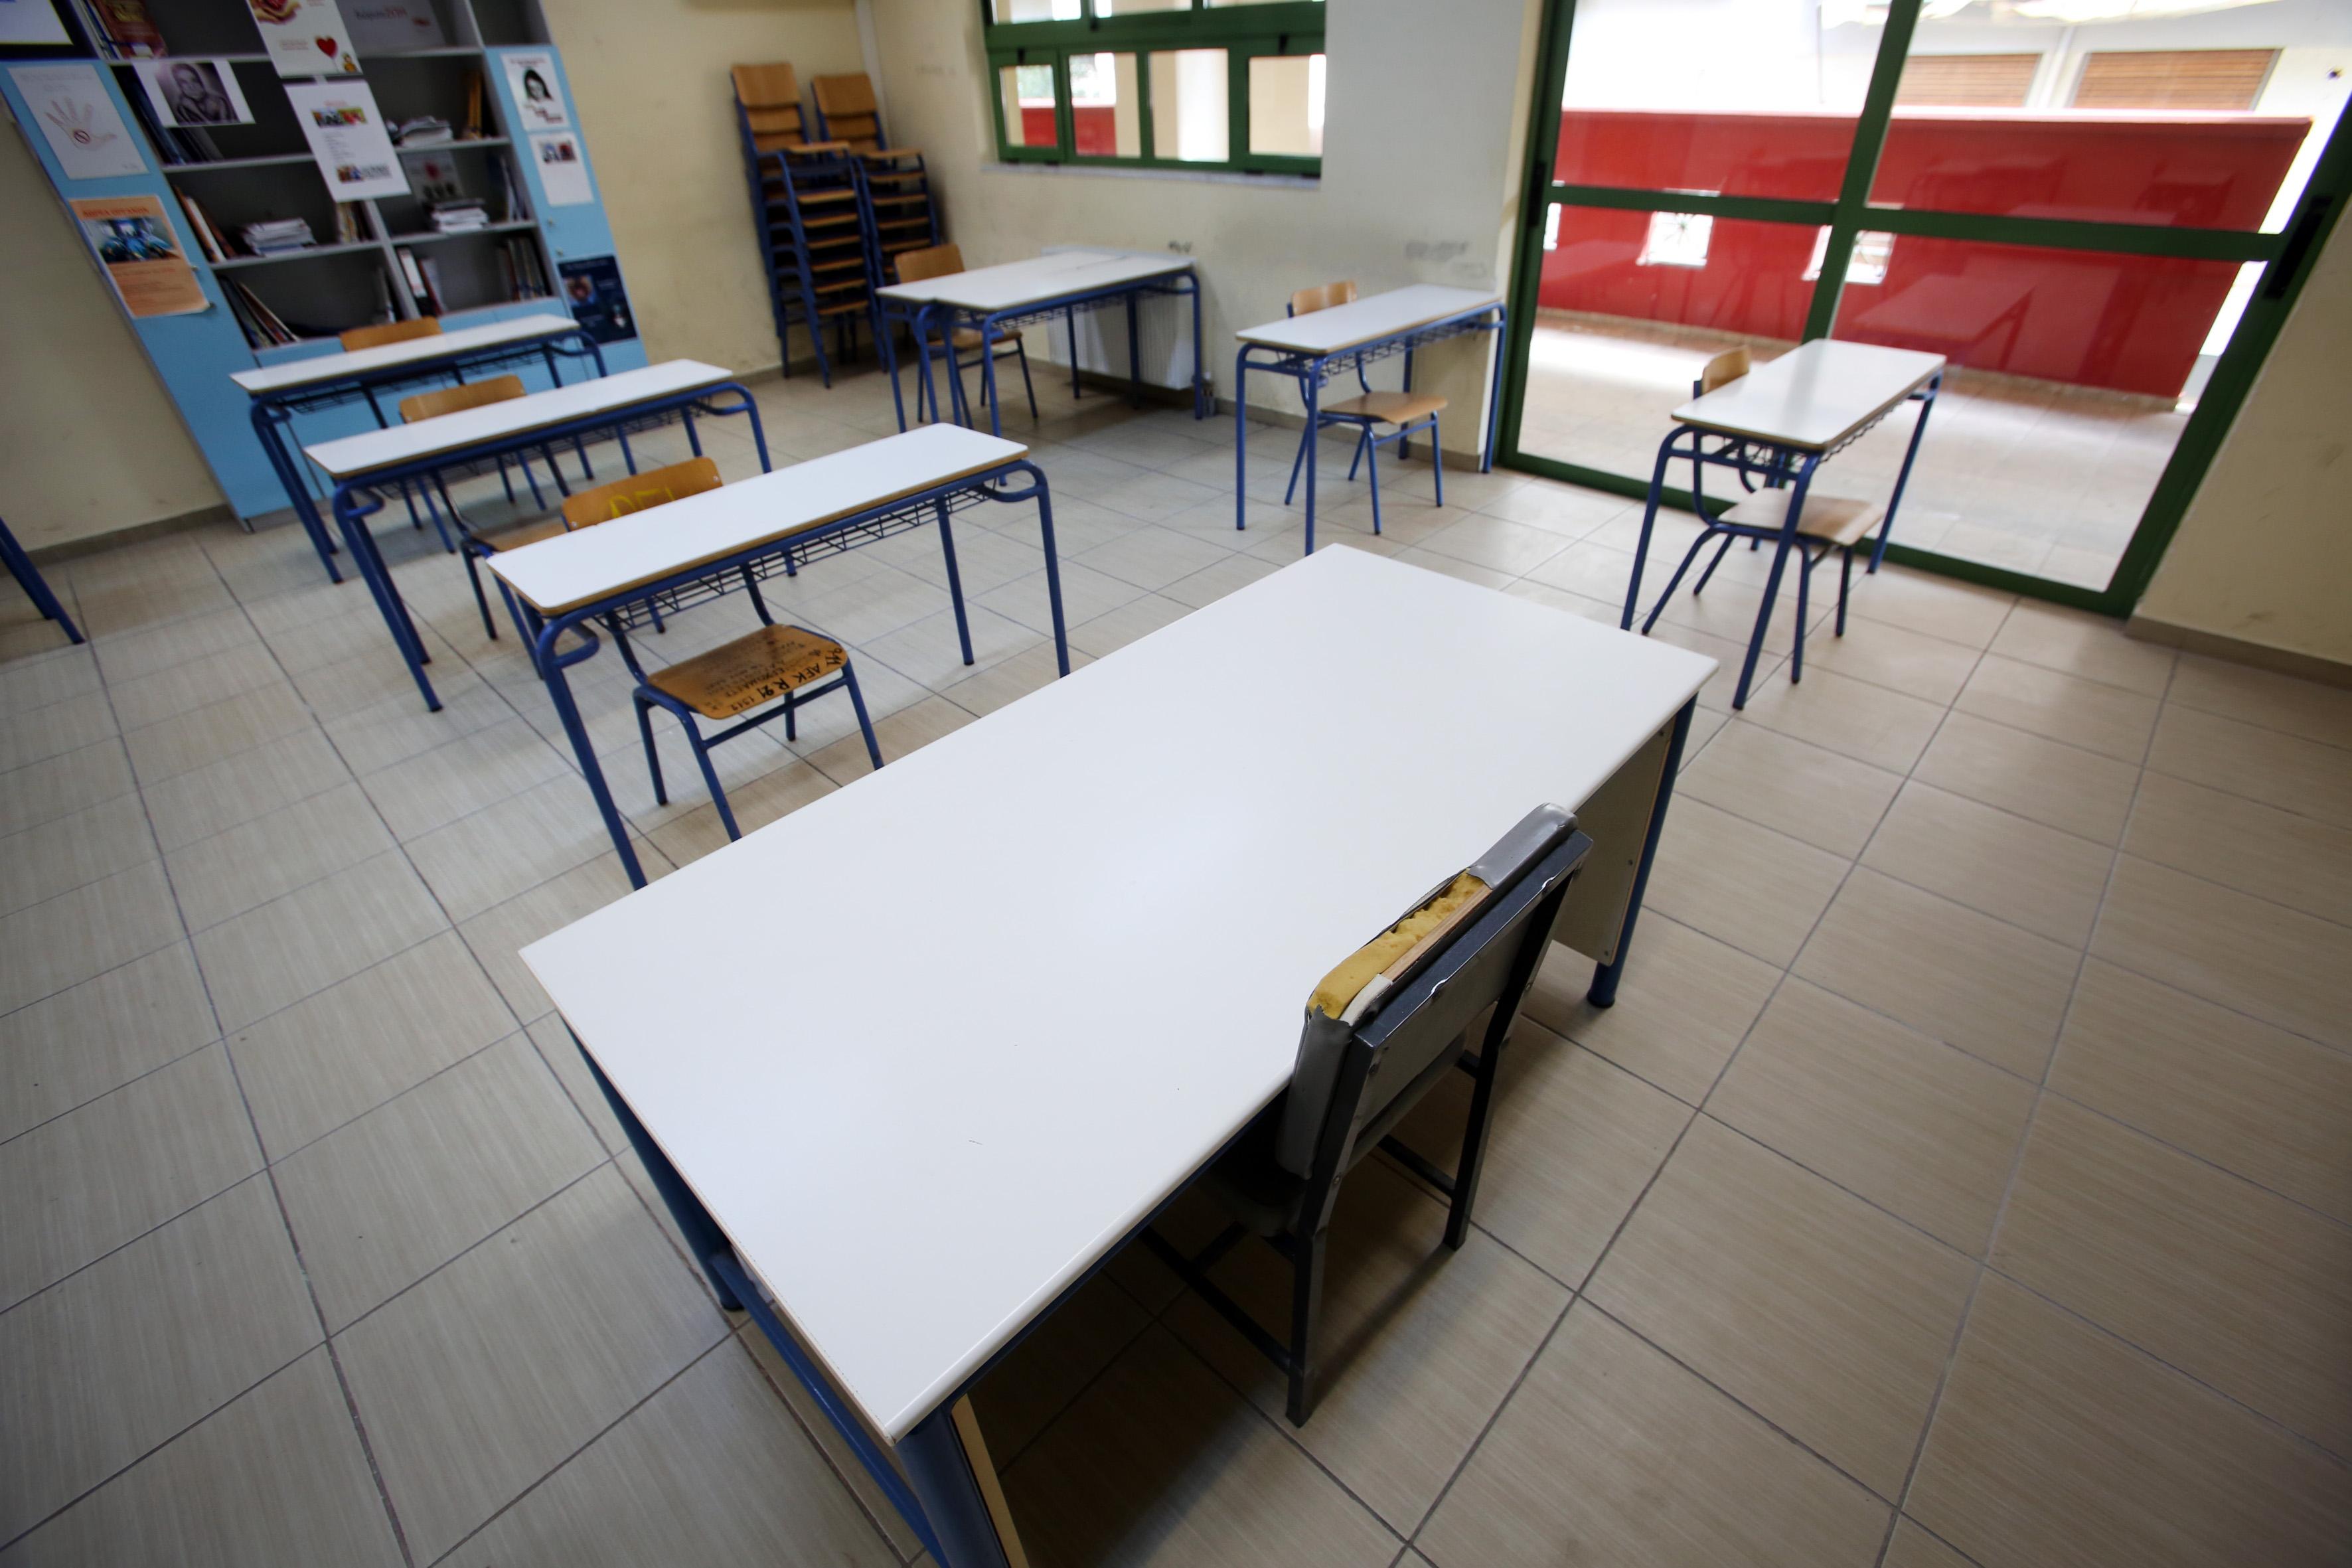 Αλλαγές στις σχολικές αίθουσες λόγω κορωνοϊού. Αυτή θα είναι η νέα εικόνα της τάξης